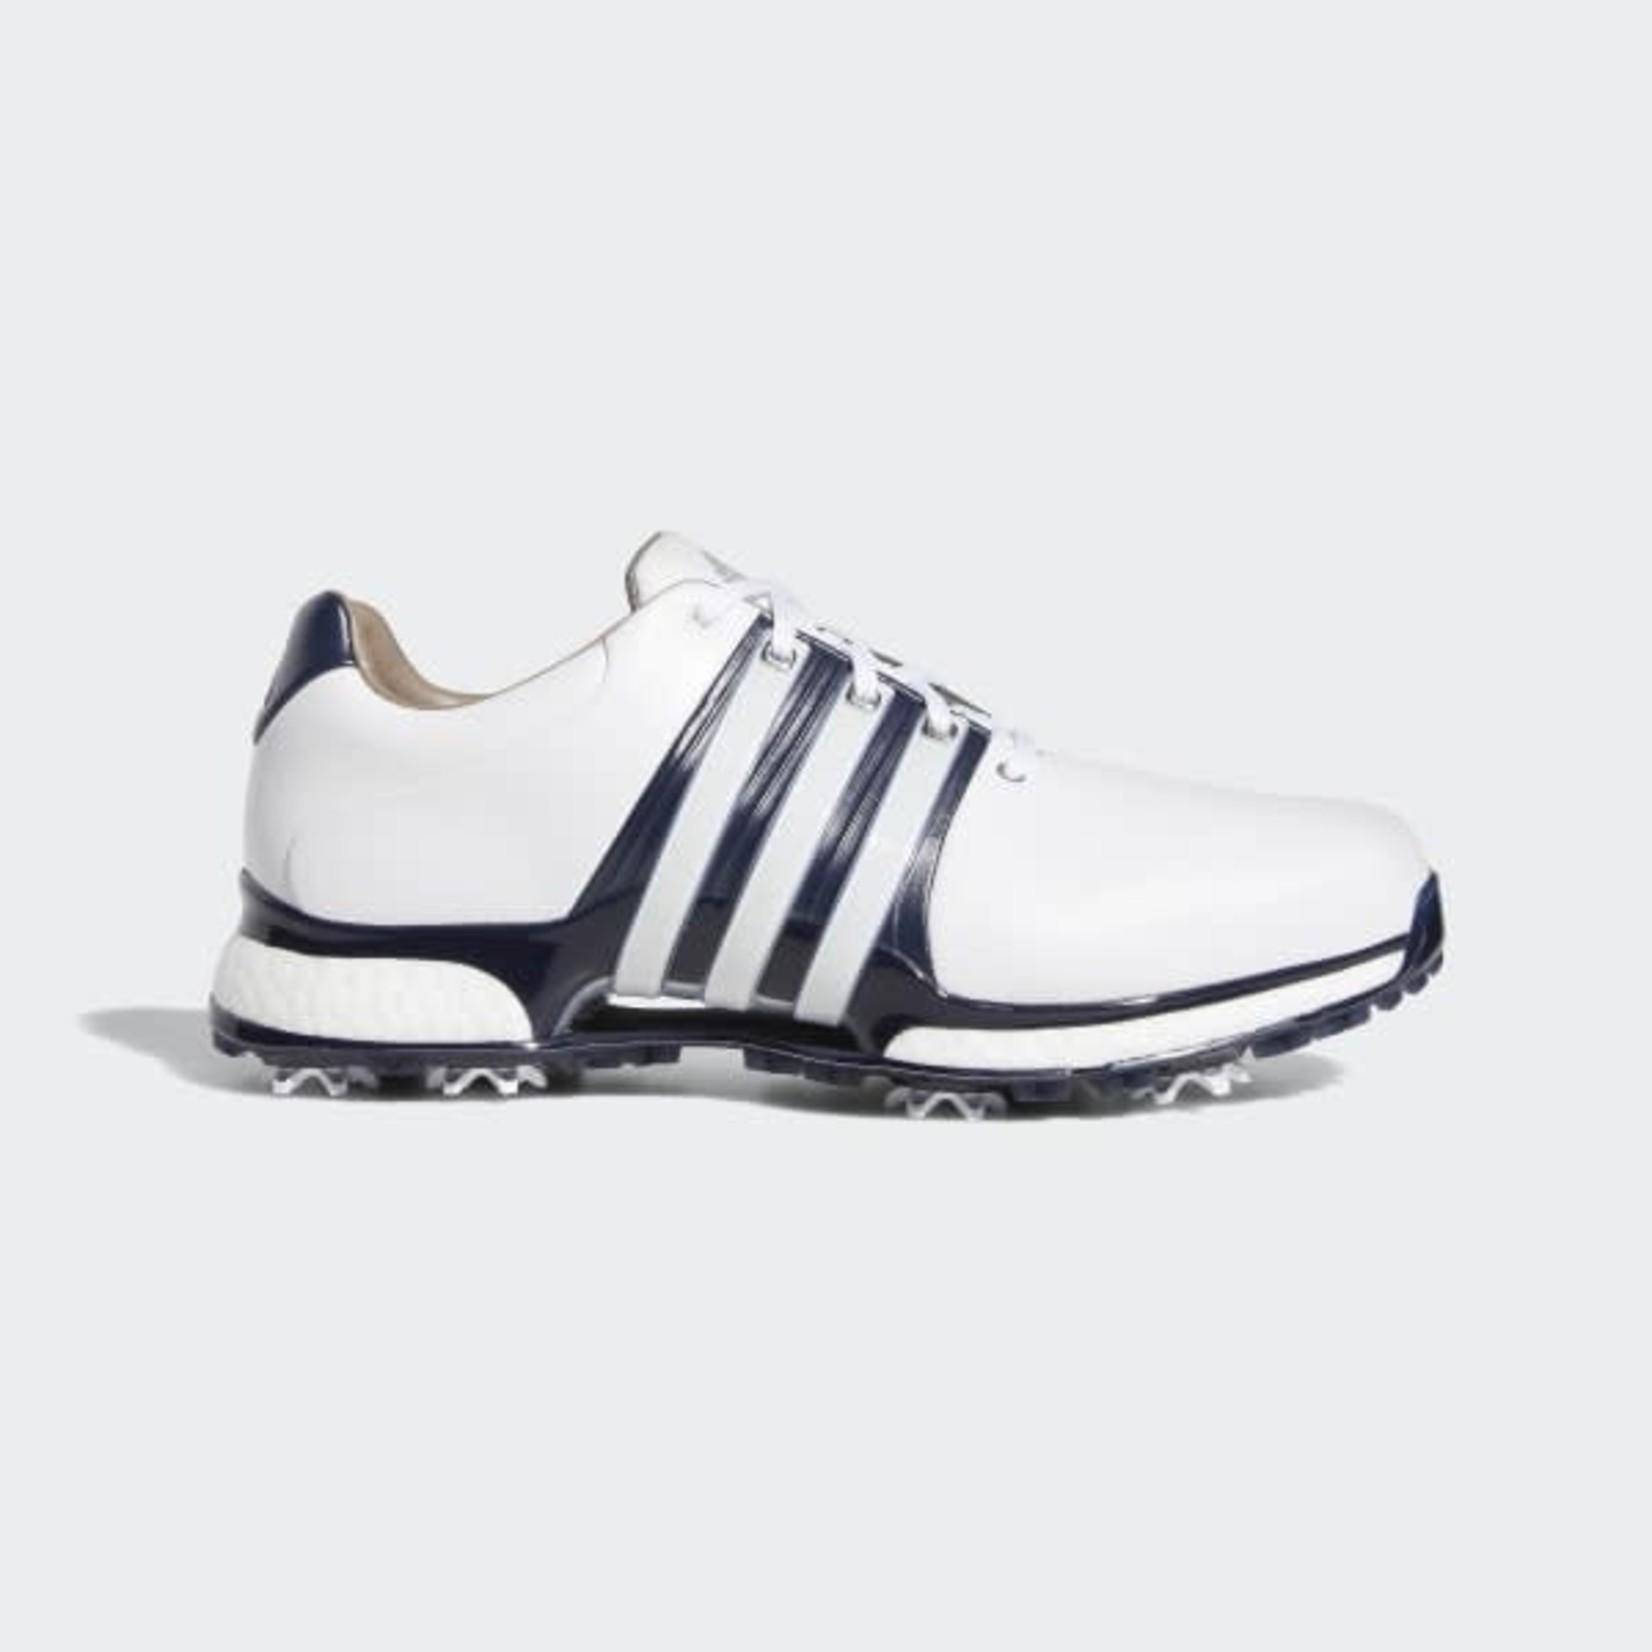 Adidas Adidas TOUR360 XT (Wide) White/Navy UK: 10,5 / EU : 45,3